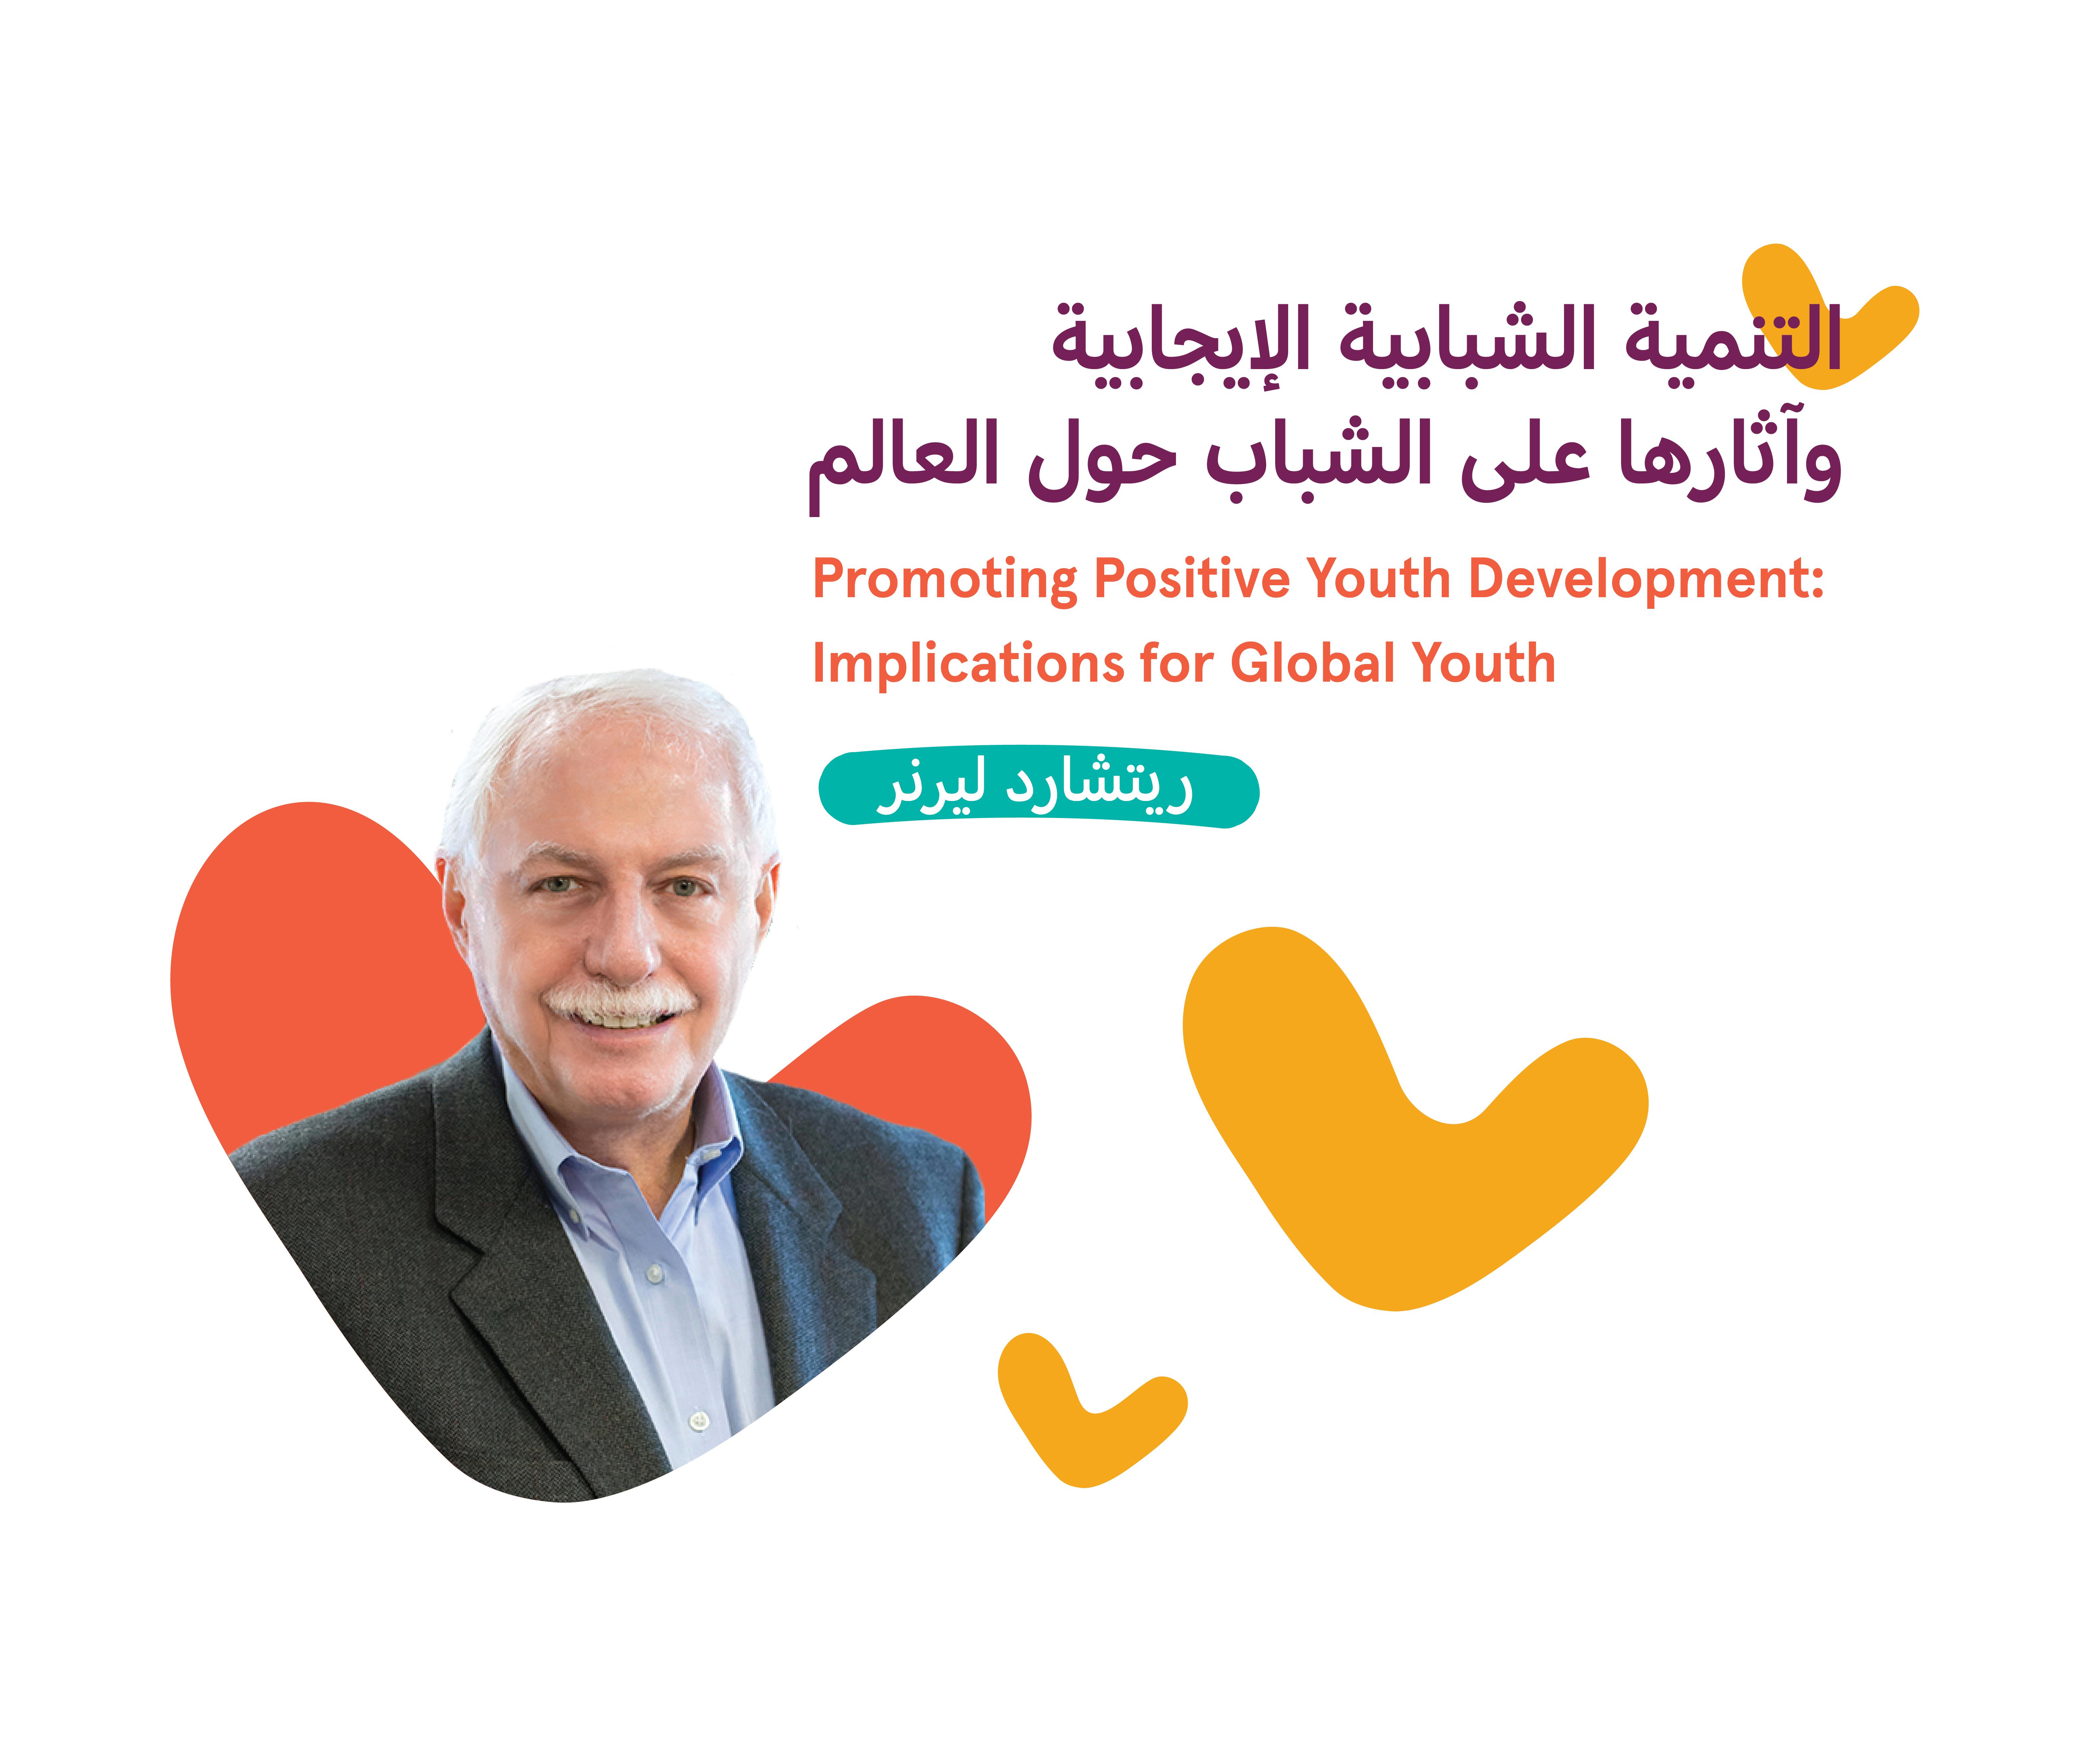 التنمية الشبابية الإيجابية وآثارها على الشباب حول العالم